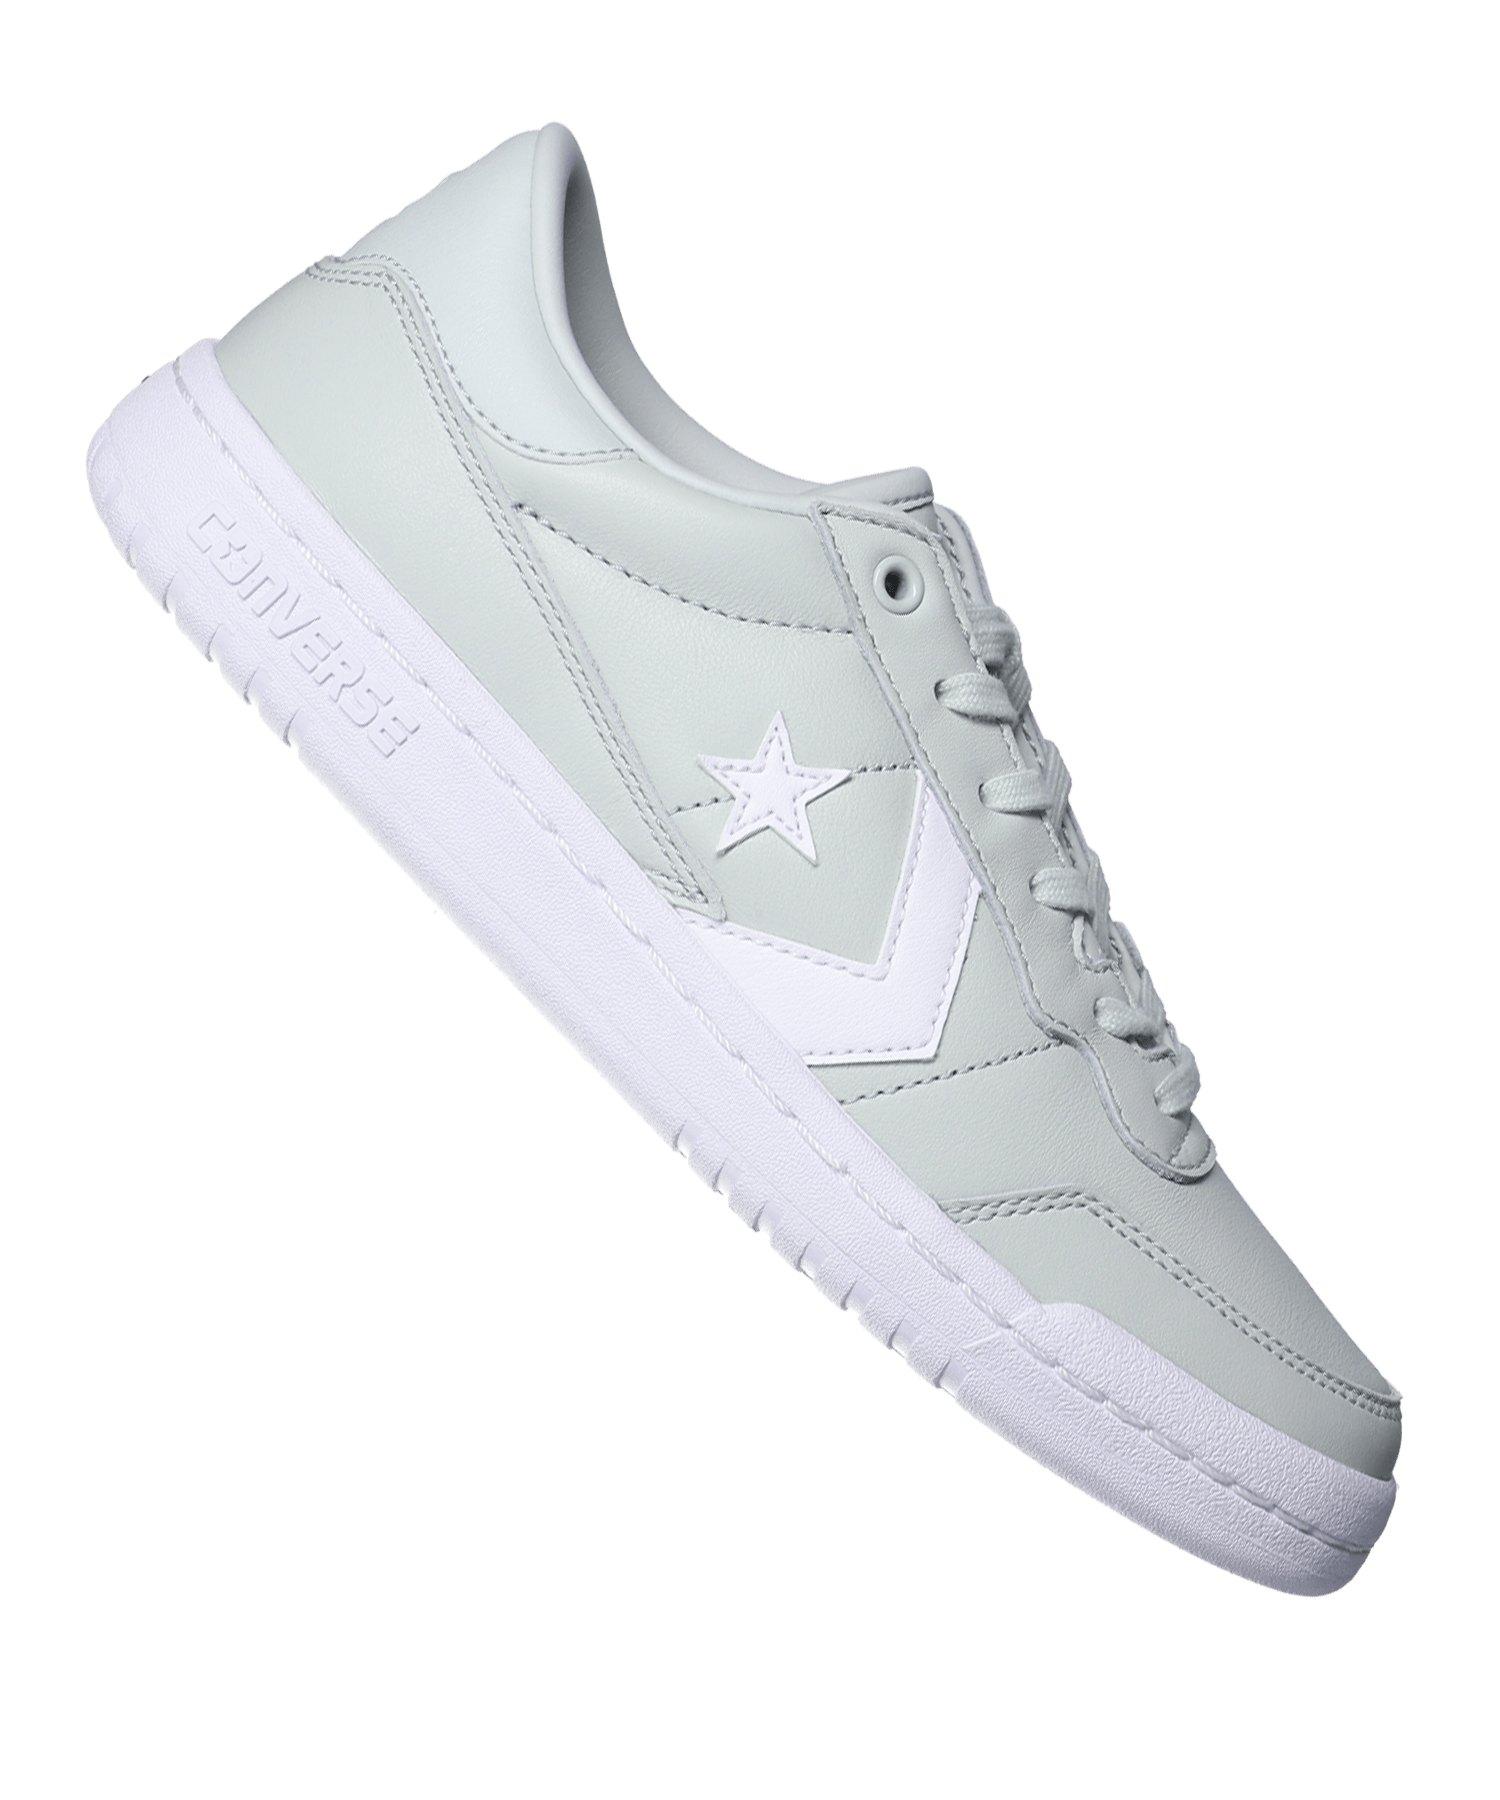 Converse Fastbreak OX Sneaker Silber - Silber